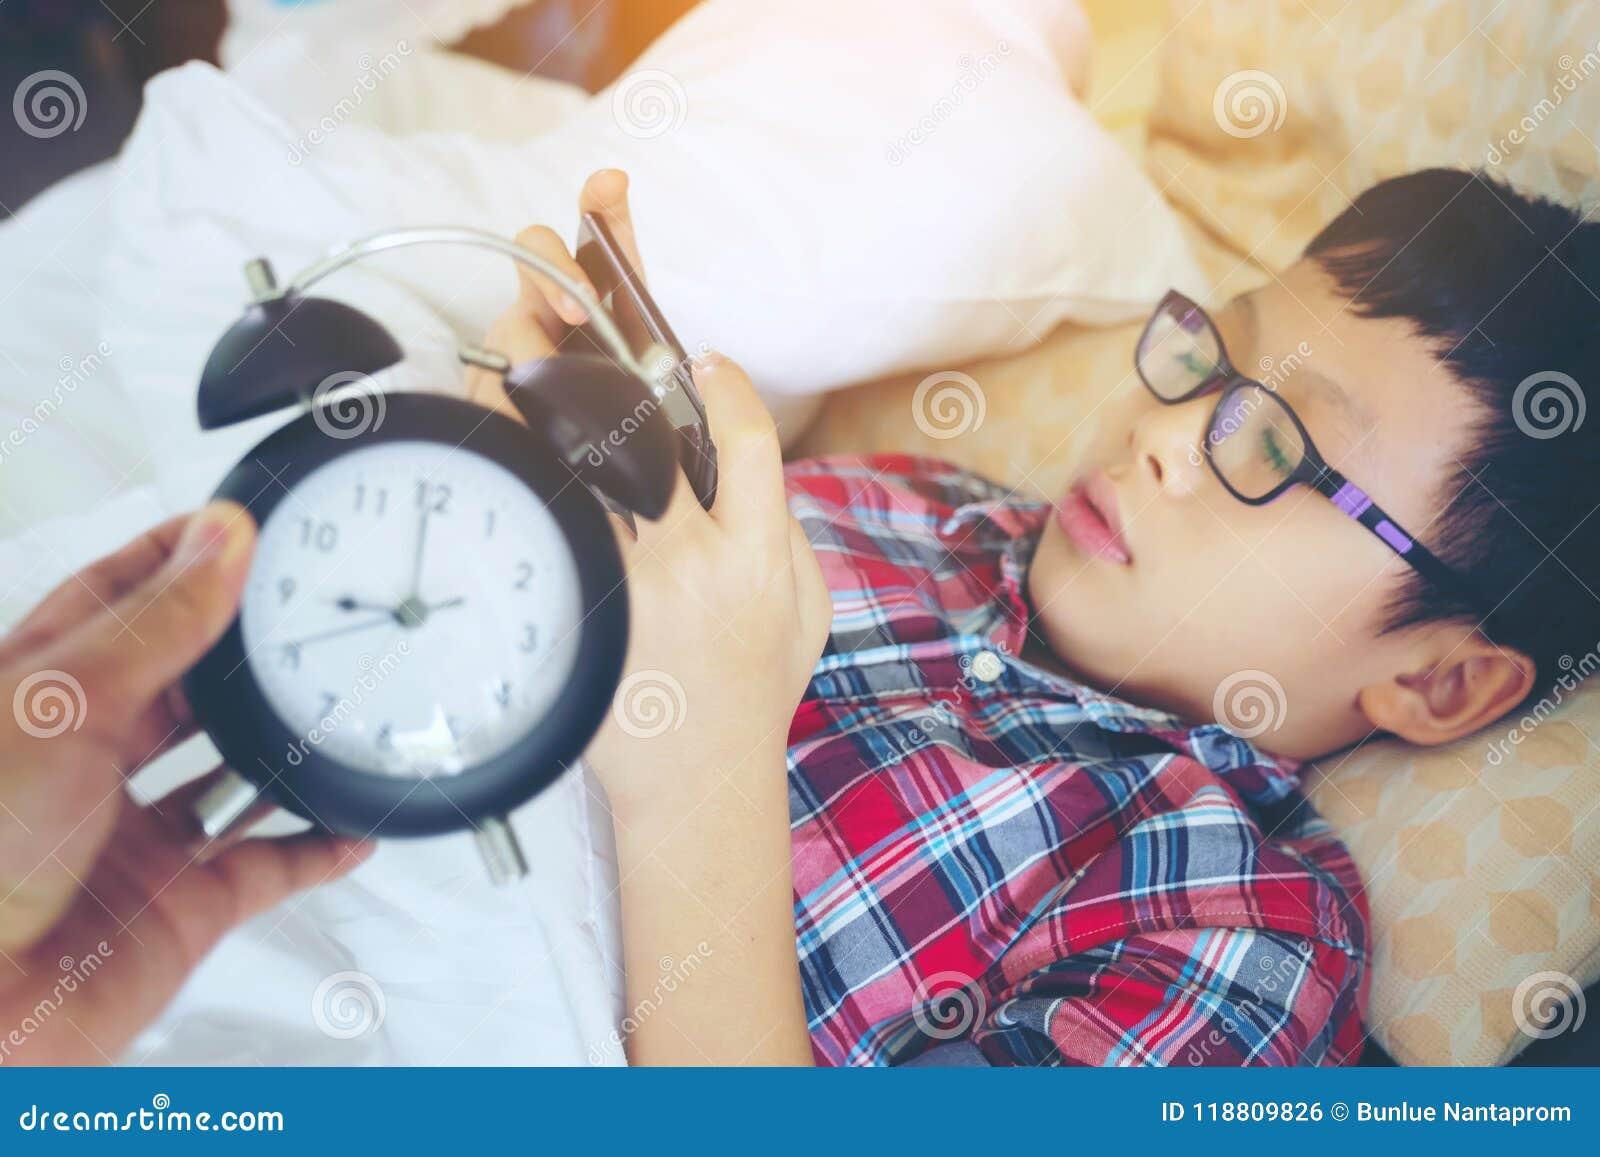 Wręcza przedstawienie out dla budzika na ranku, chłopiec bawić się w gama